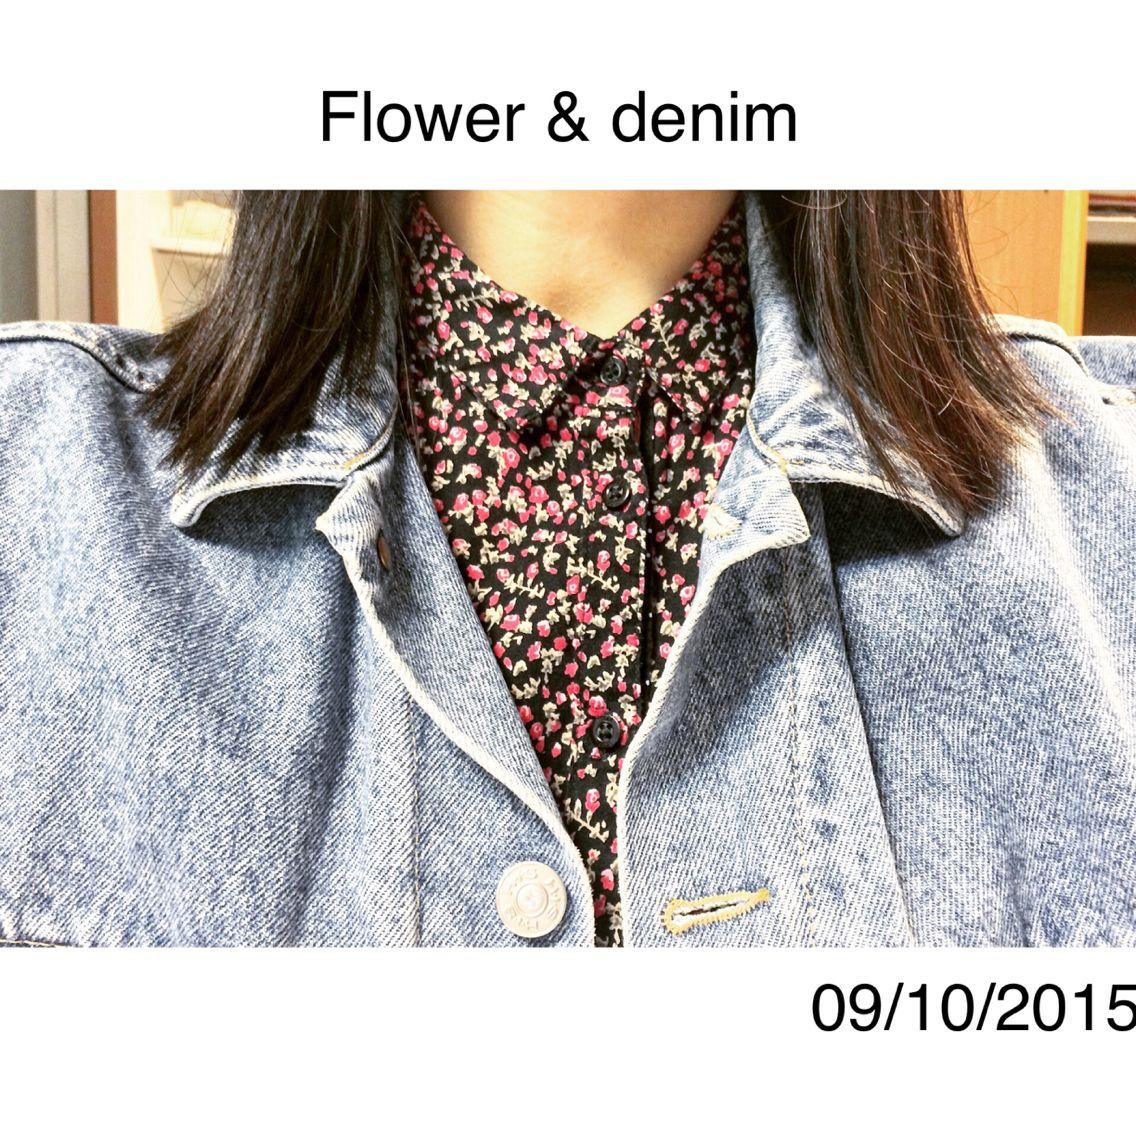 Flower&denim